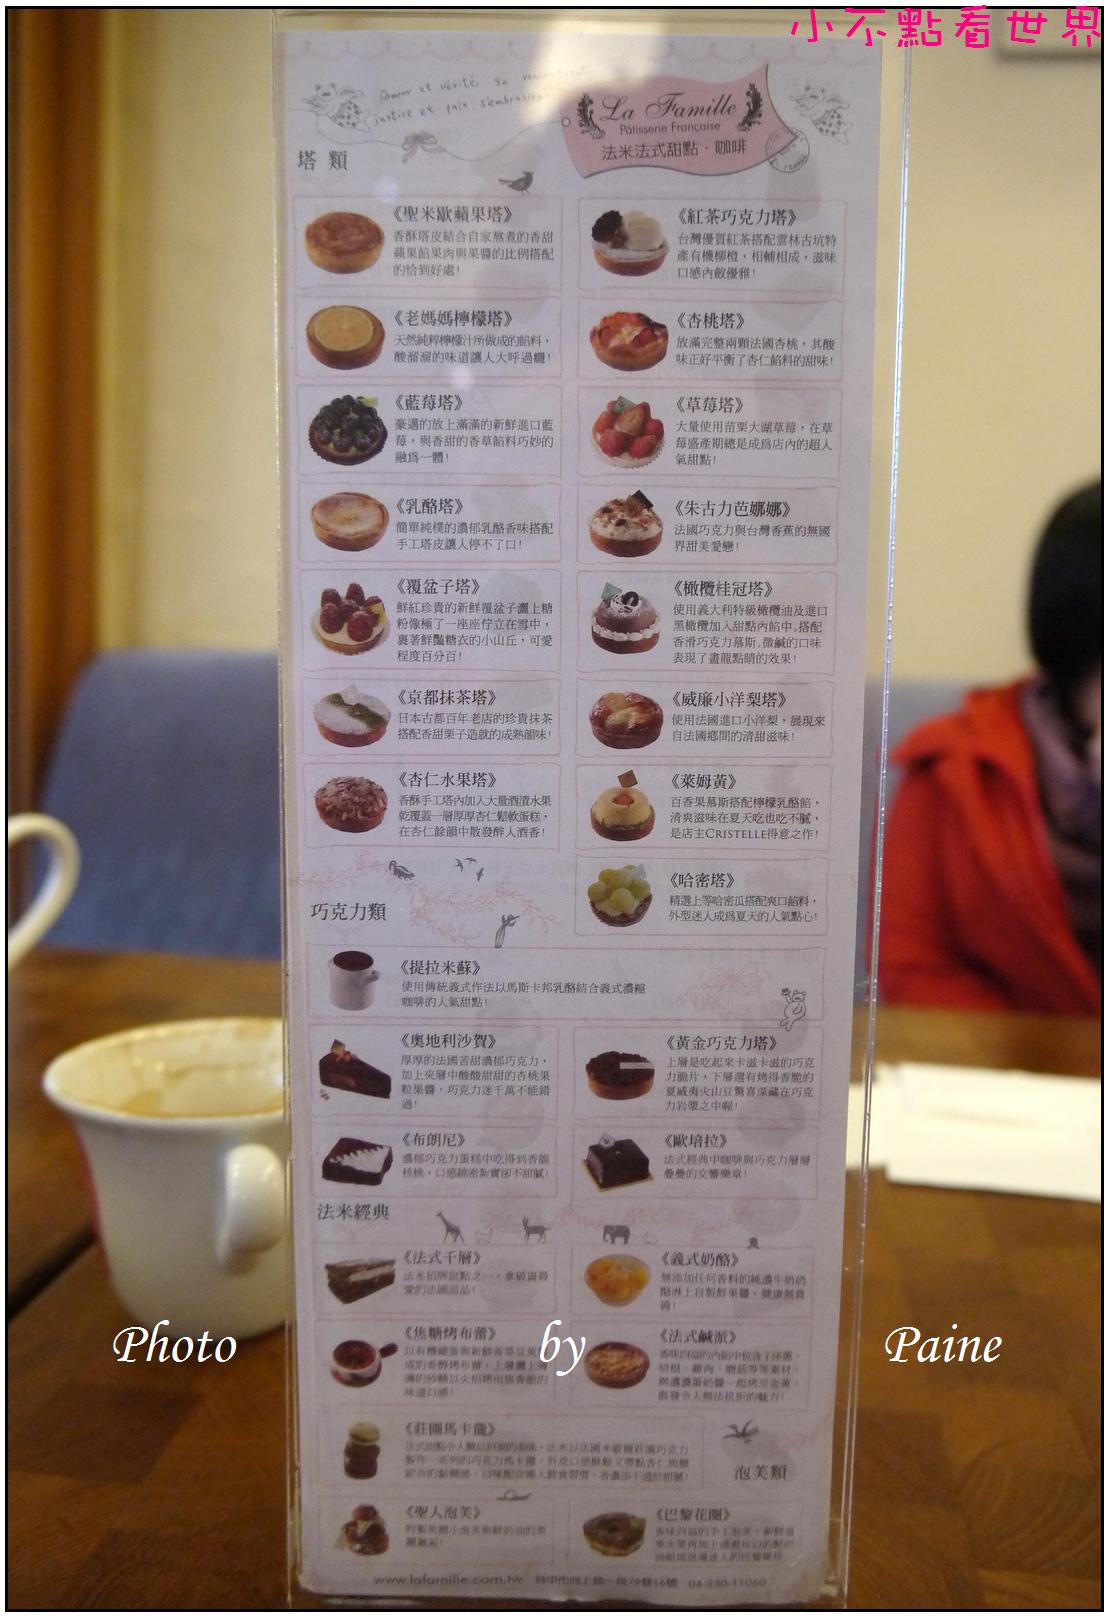 雲林斗六法米法式甜點 (101).JPG